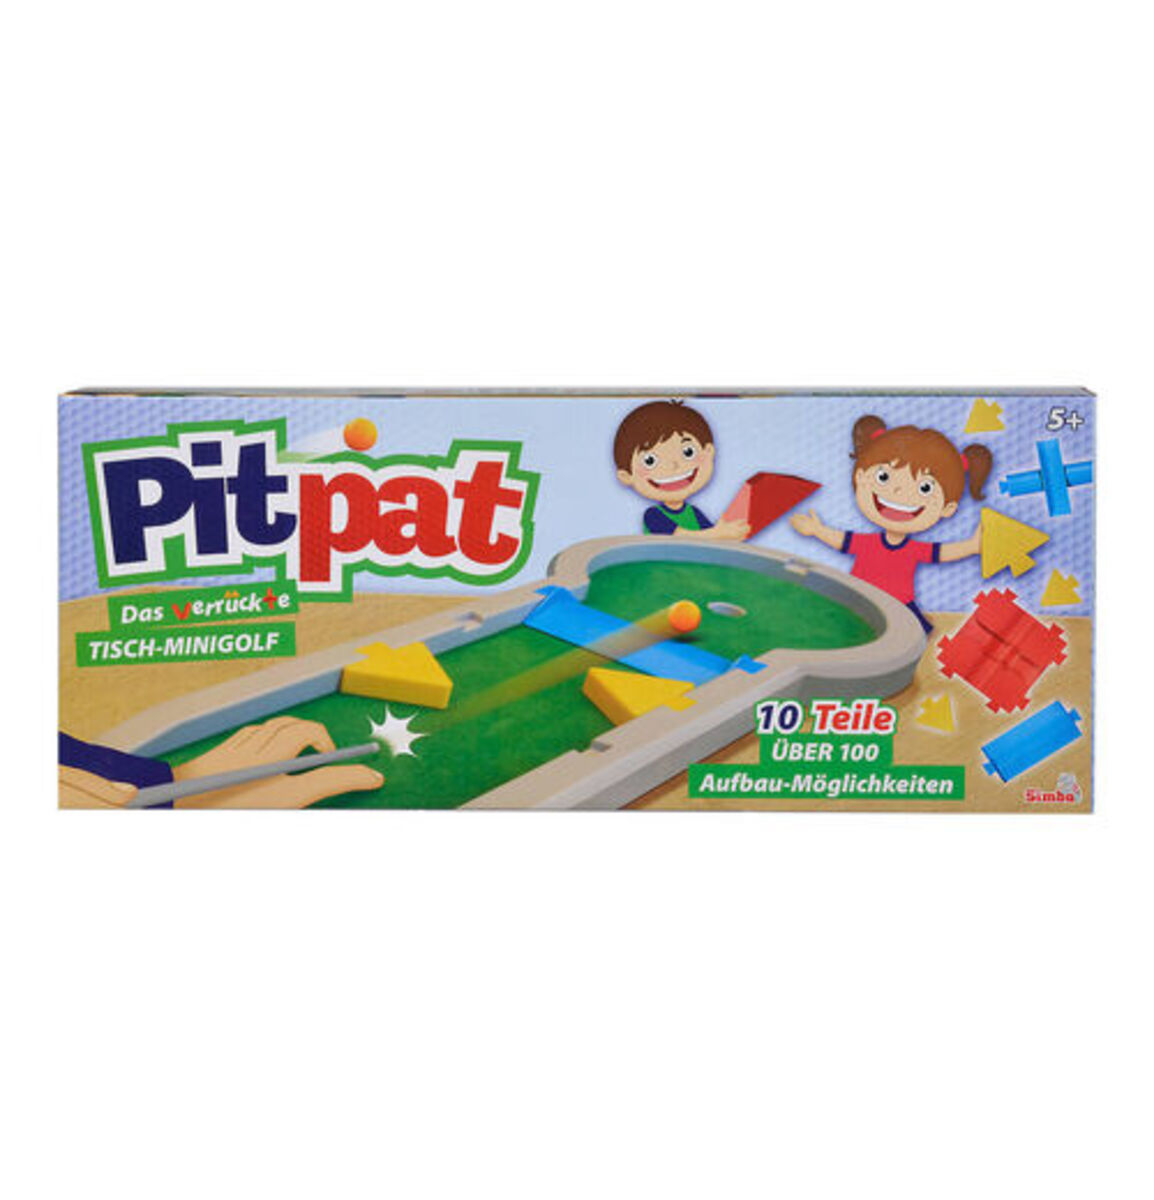 Bild 4 von Simba Tisch-Minigolf Pit pat